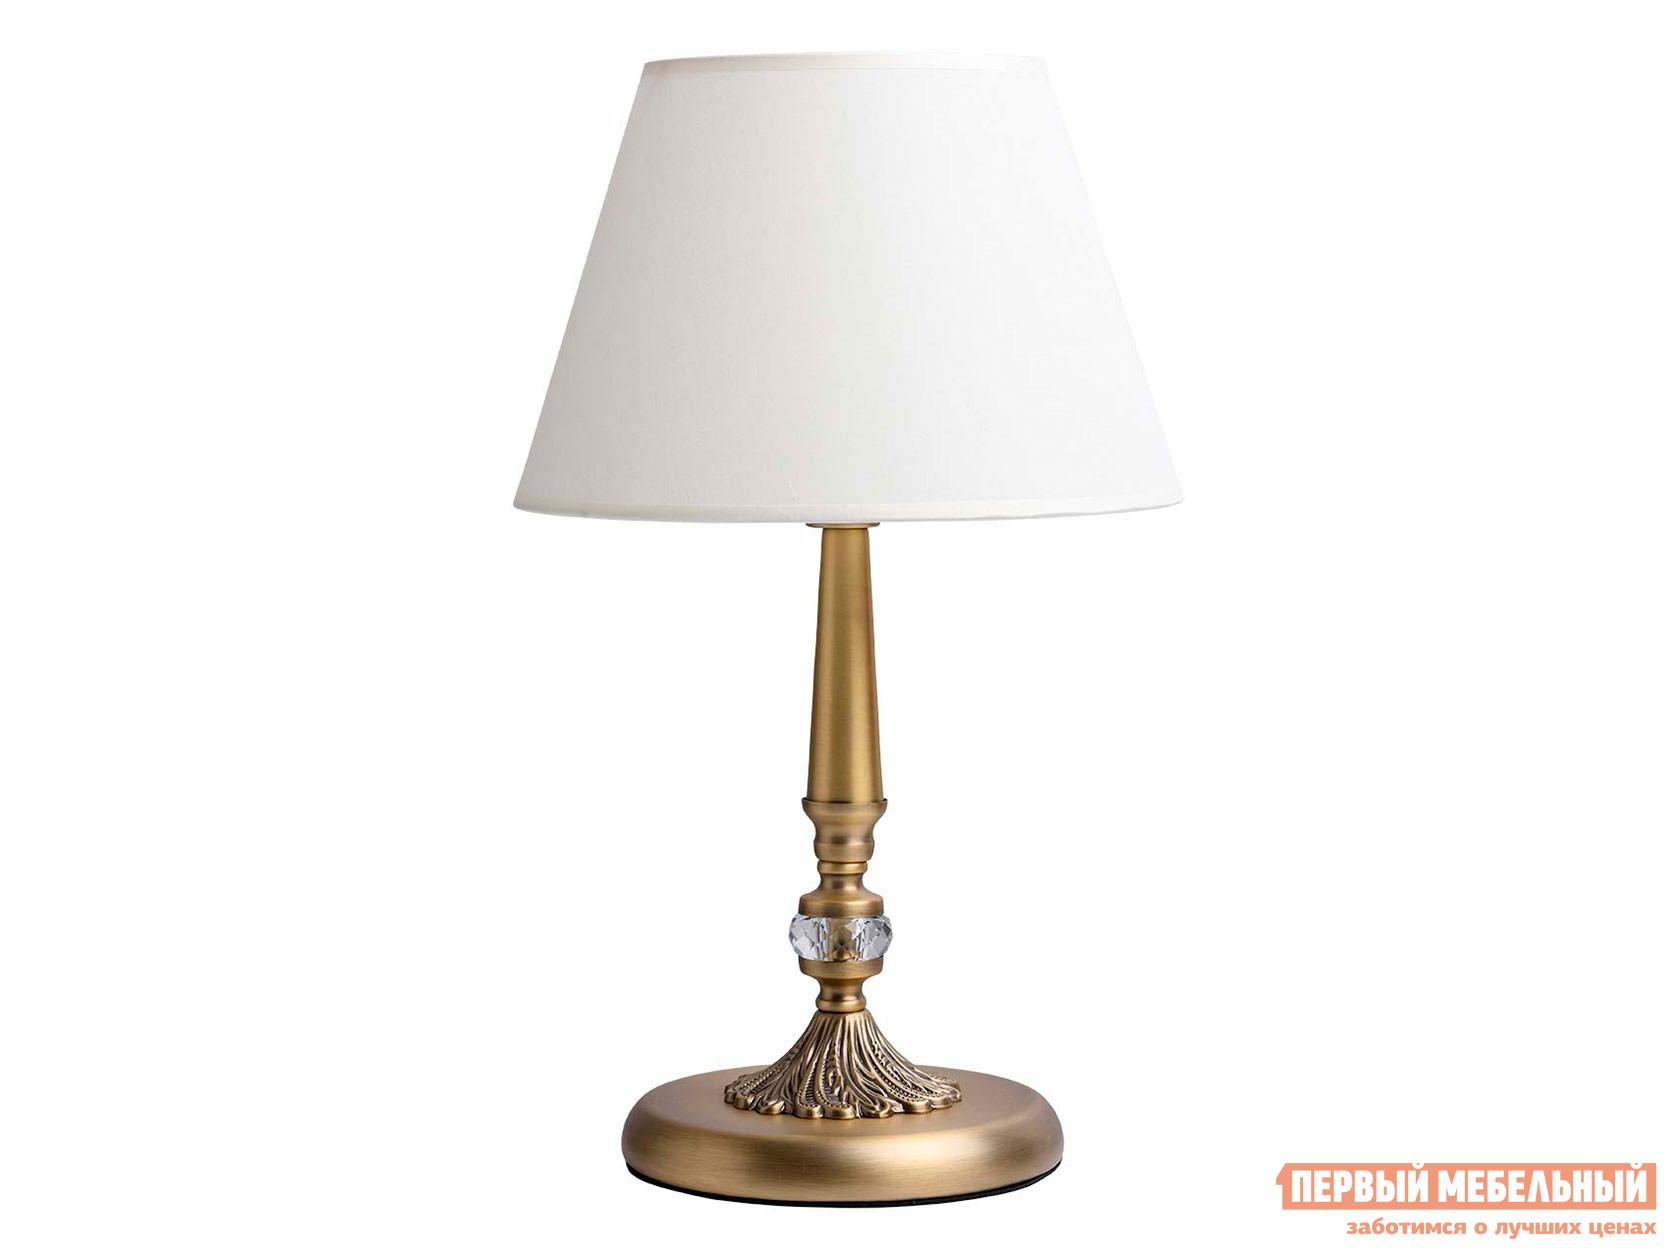 Настольная лампа Штерн 371030501, 371030601 Аврора